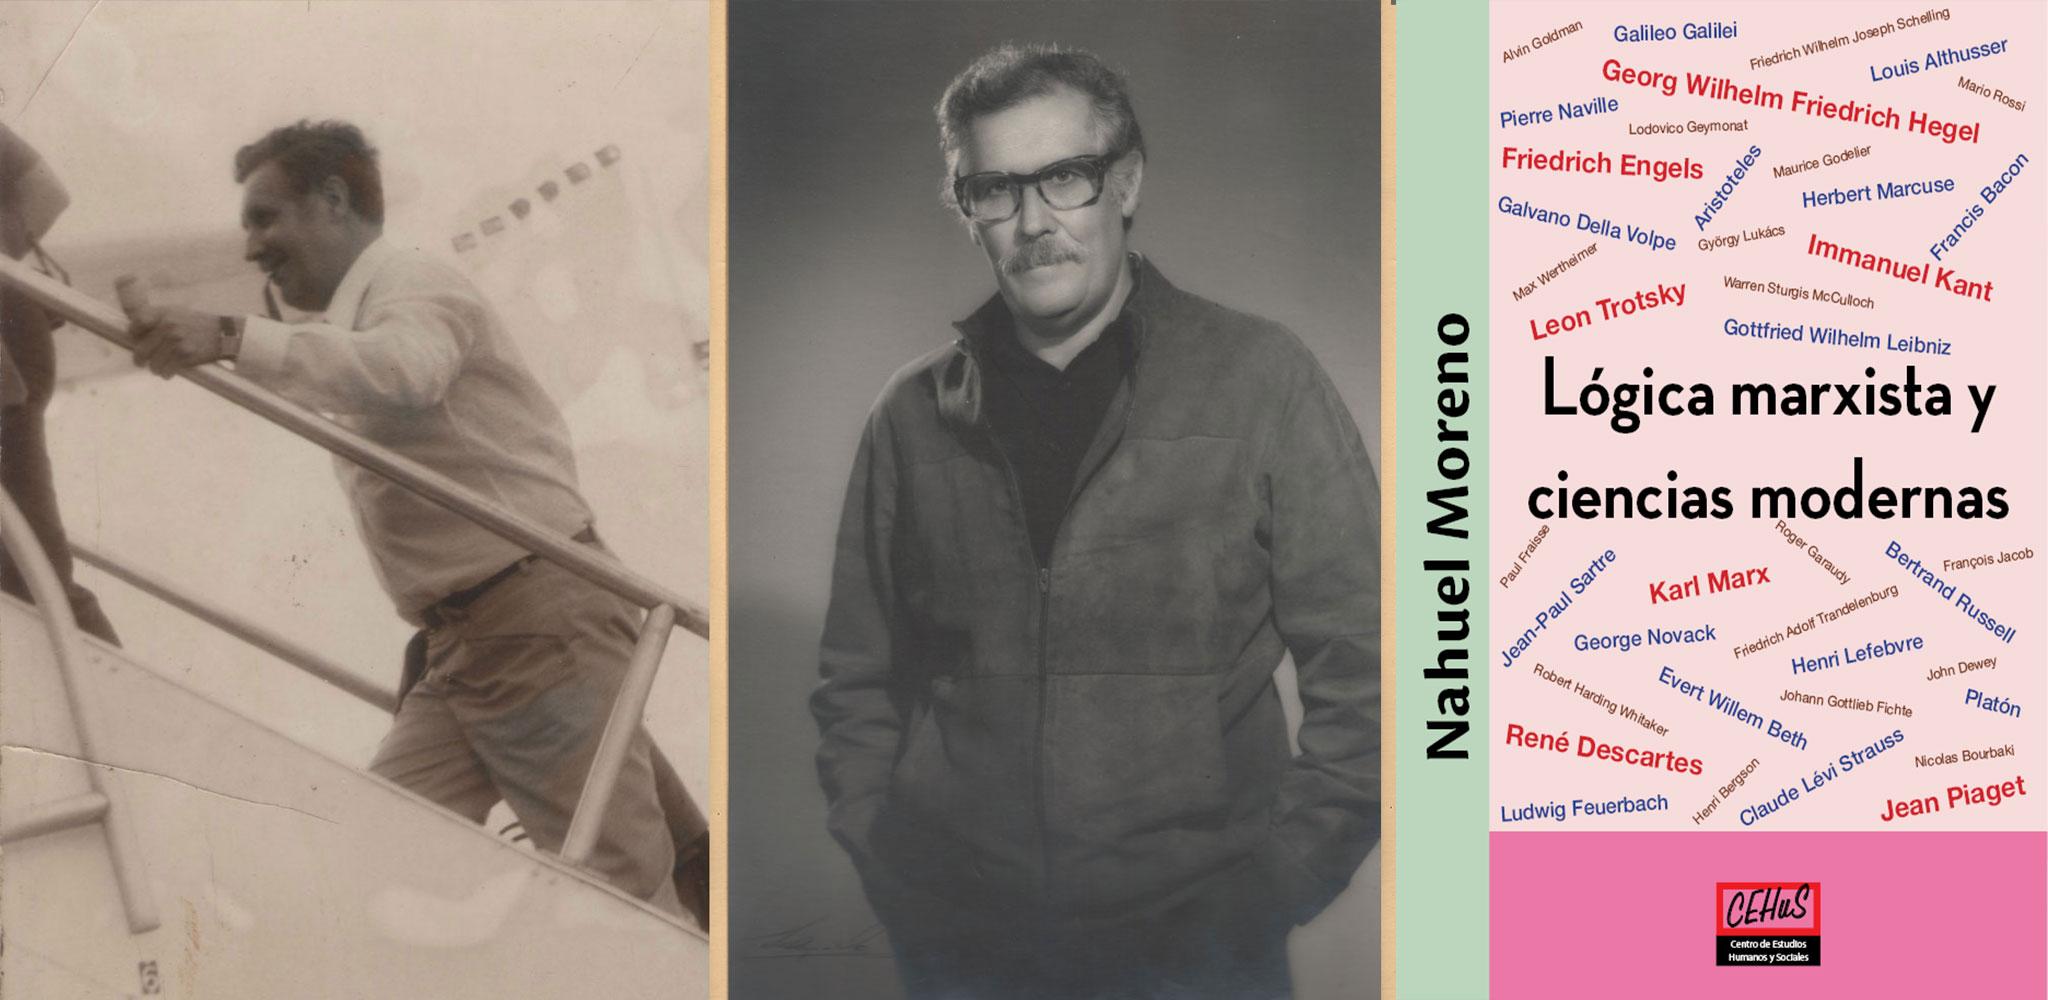 LÓGICA MARXISTA Y CIENCIAS MODERNAS (1973)